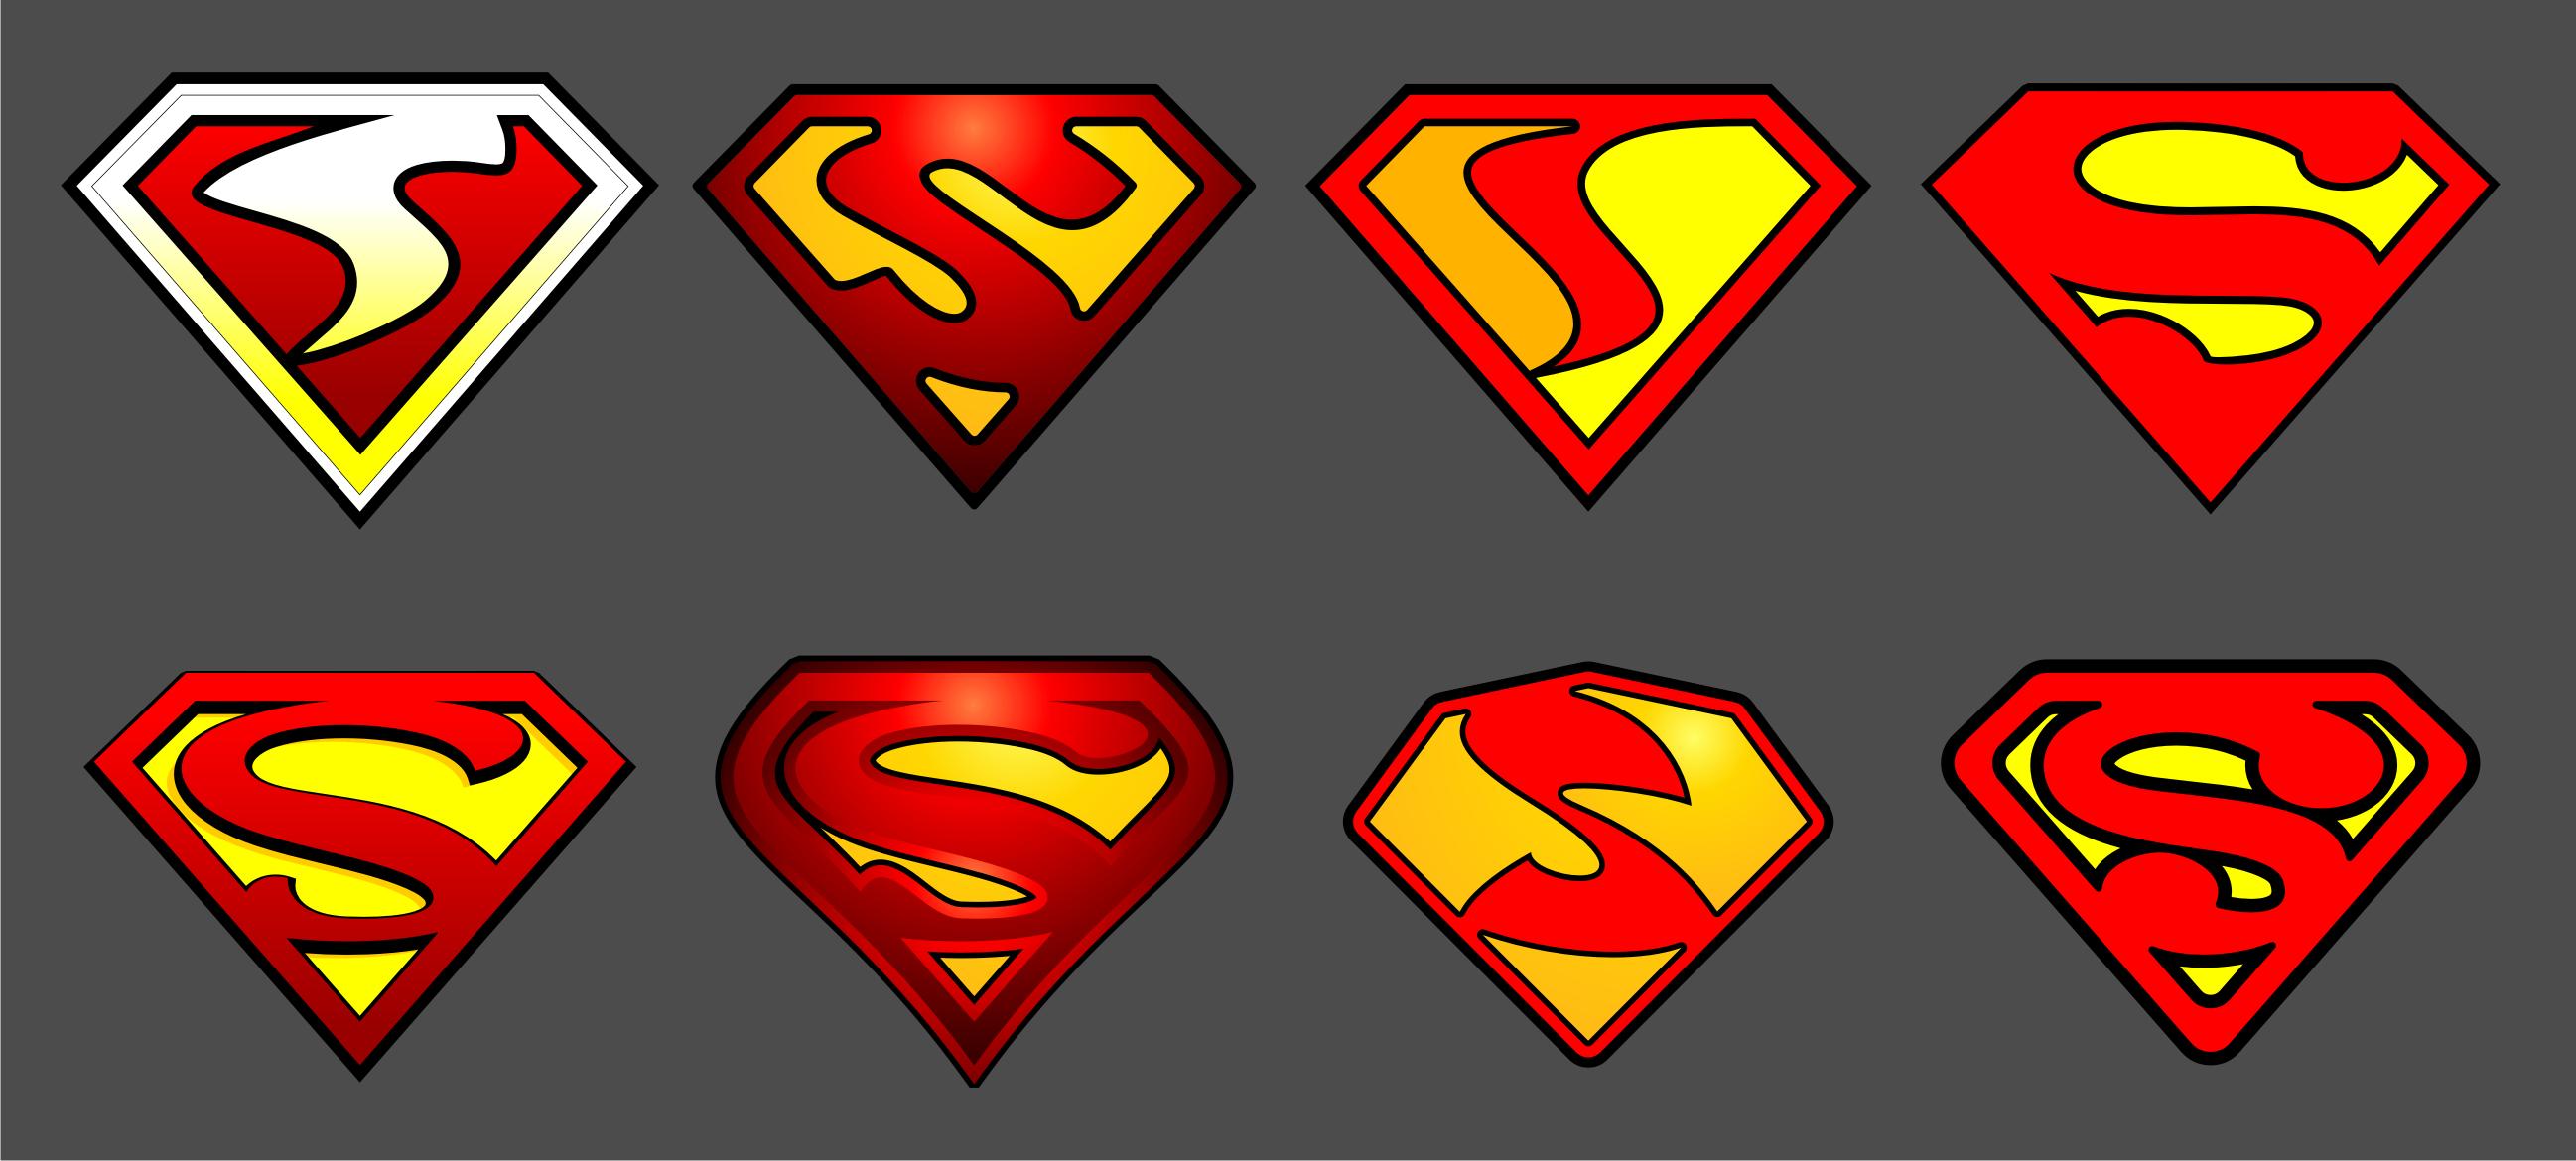 500 superman logo  wallpapers  hd images  vectors free superman logo template psd superman logo template editable